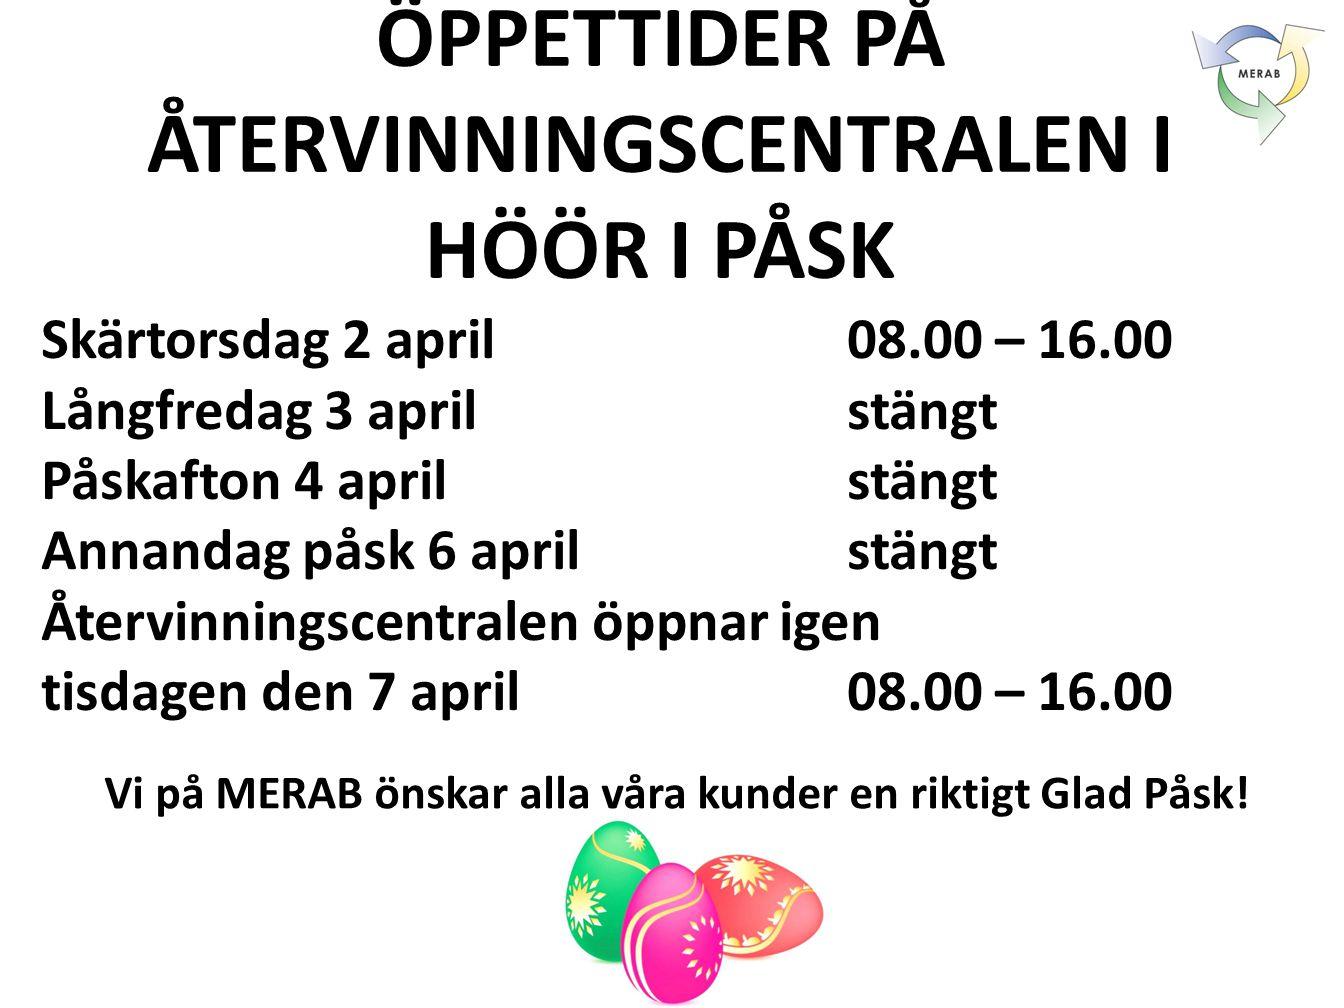 ÖPPETTIDER PÅ ÅTERVINNINGSCENTRALEN I HÖÖR I PÅSK Skärtorsdag 2 april 08.00 – 16.00 Långfredag 3 april stängt Påskafton 4 aprilstängt Annandag påsk 6